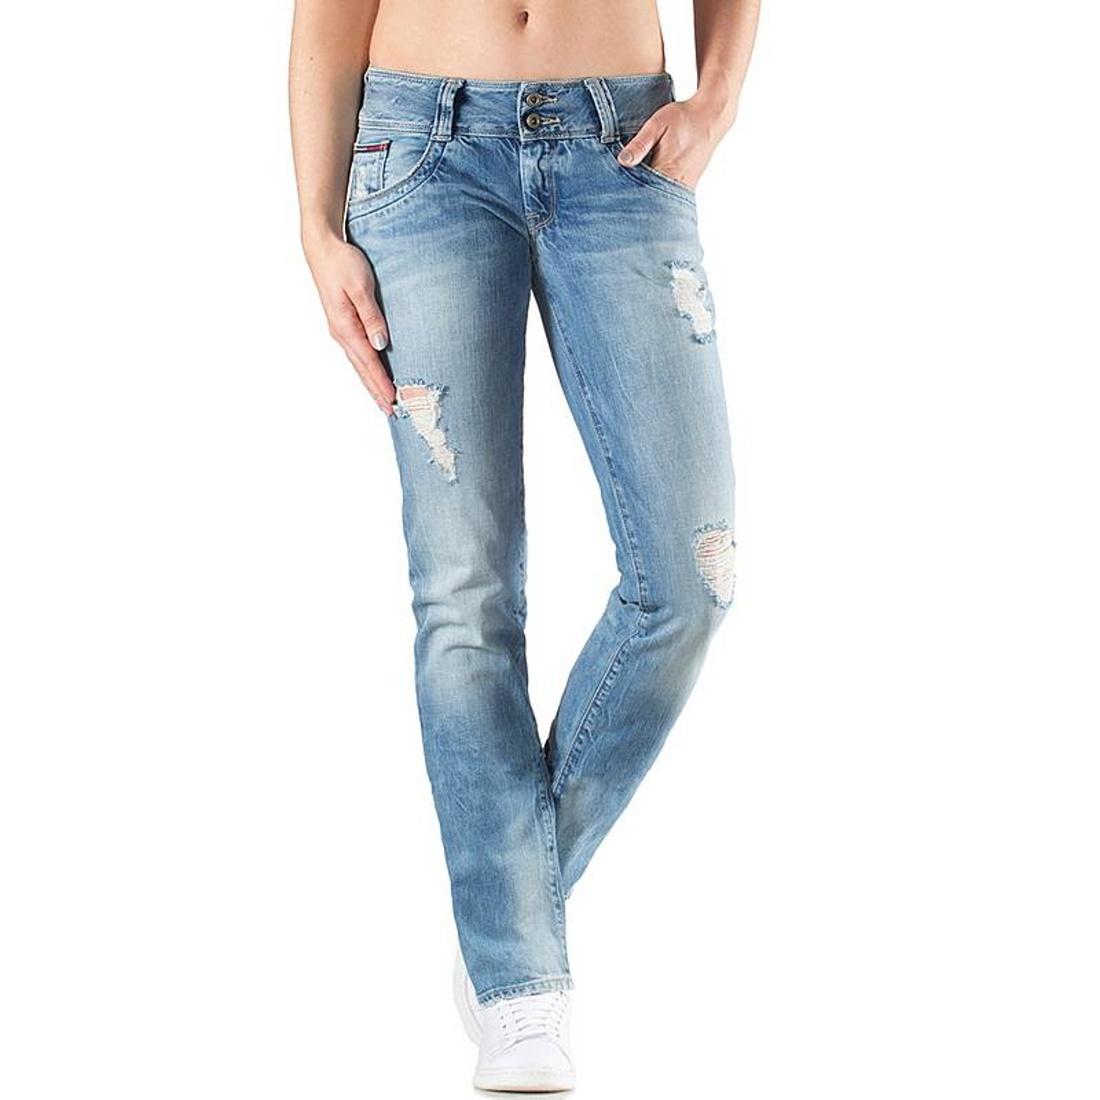 Tommy Hilfiger dámské světle modré džíny - Mode.cz 6fe61c4ce9